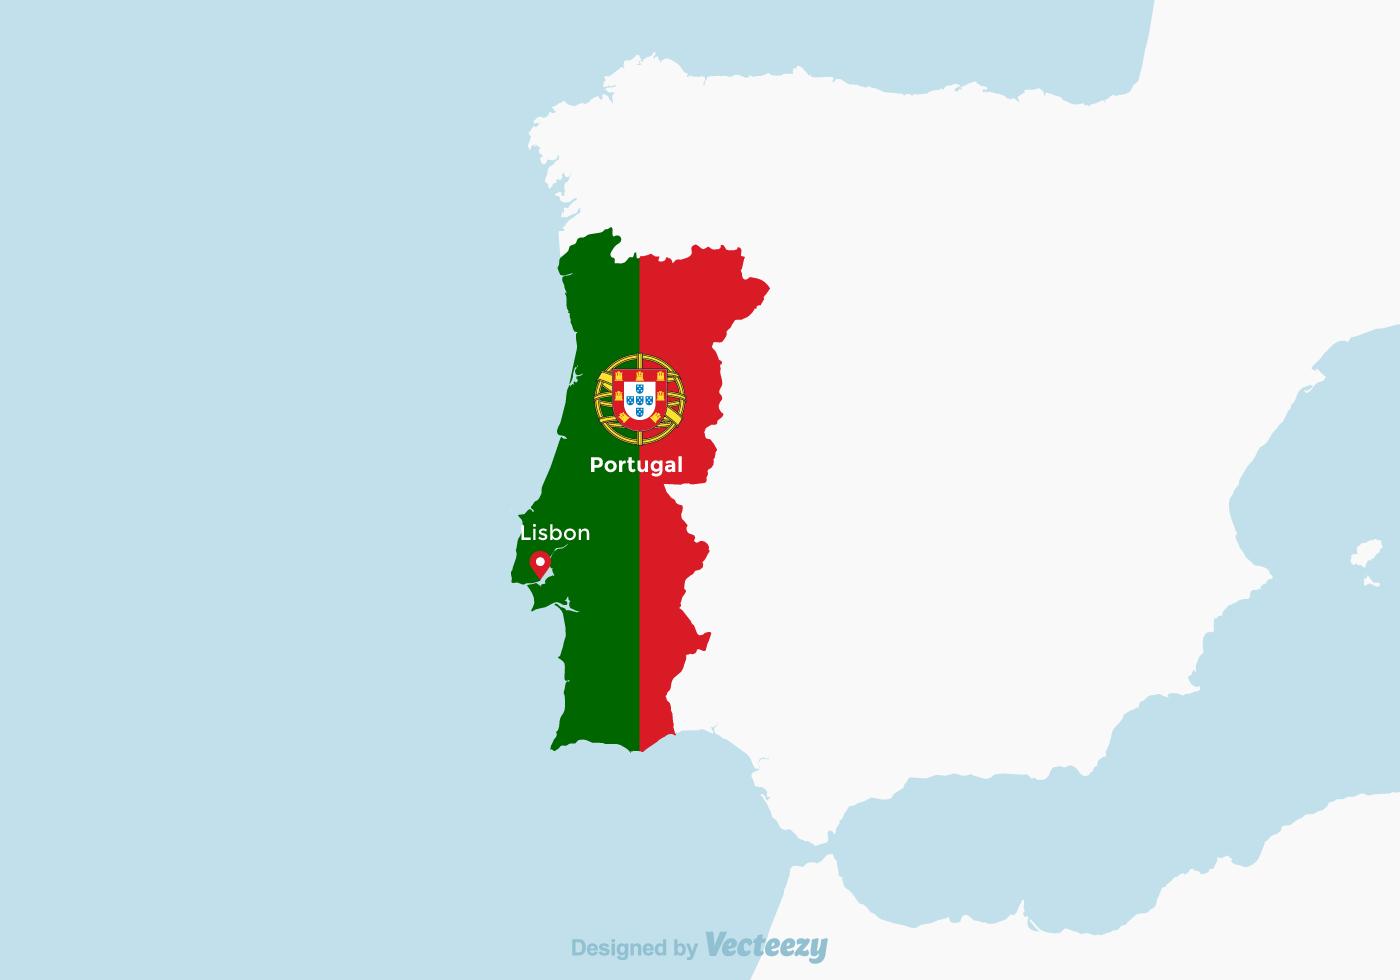 Portogallo Cartina Geografica Politica.Mappa Del Portogallo Con Bandiera Nazionale 153658 Scarica Immagini Vettoriali Gratis Grafica Vettoriale E Disegno Modelli